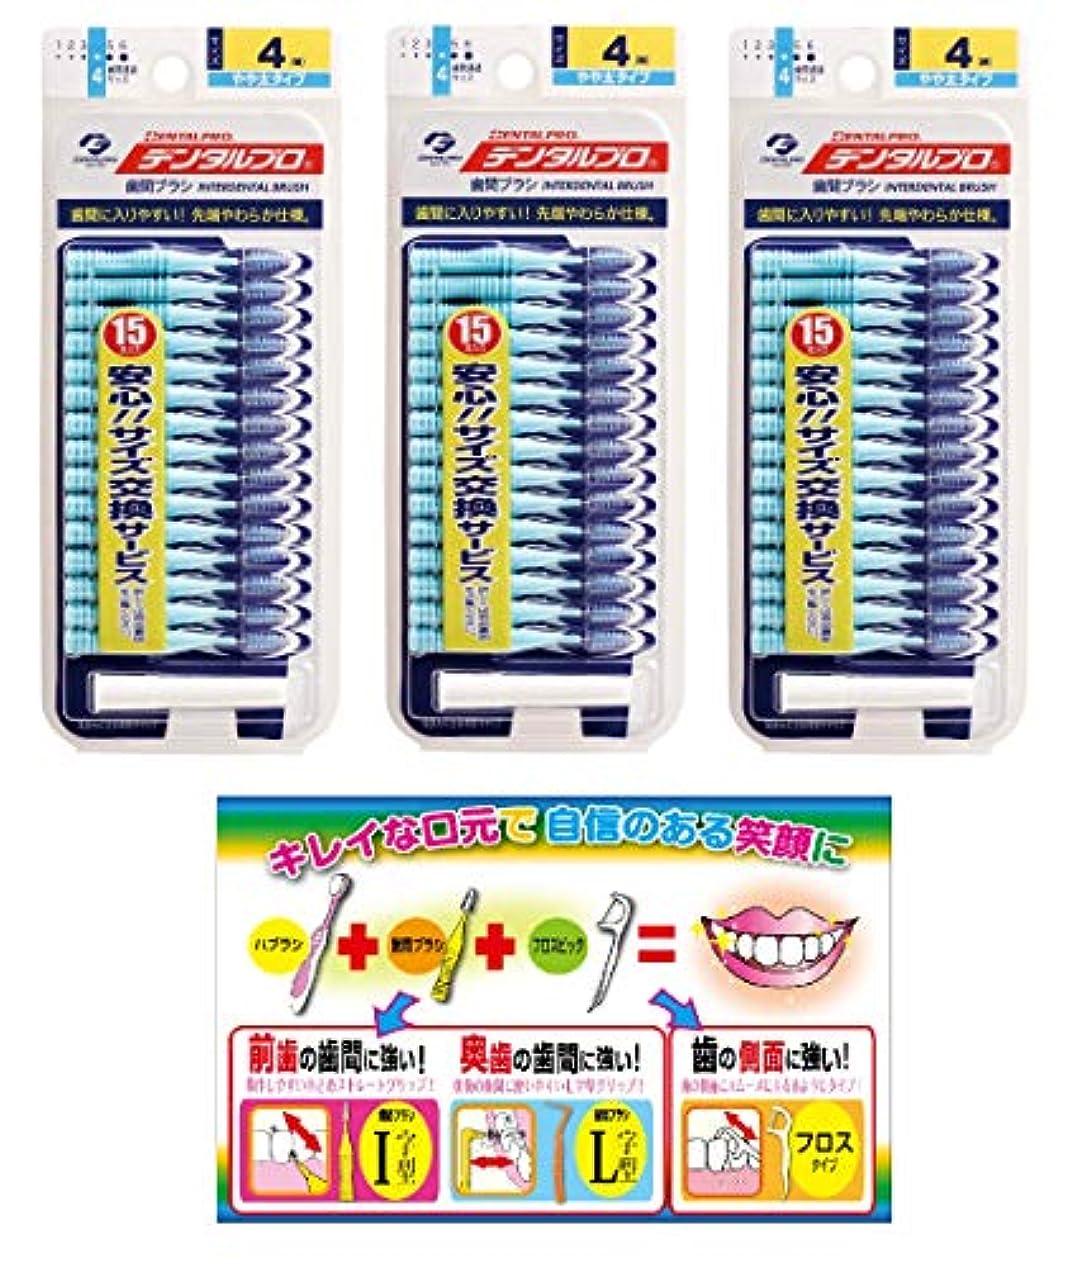 サラミサミュエルフォーム【Amazon.co.jp限定】DP歯間ブラシ15P サイズ4 3P+リーフレット